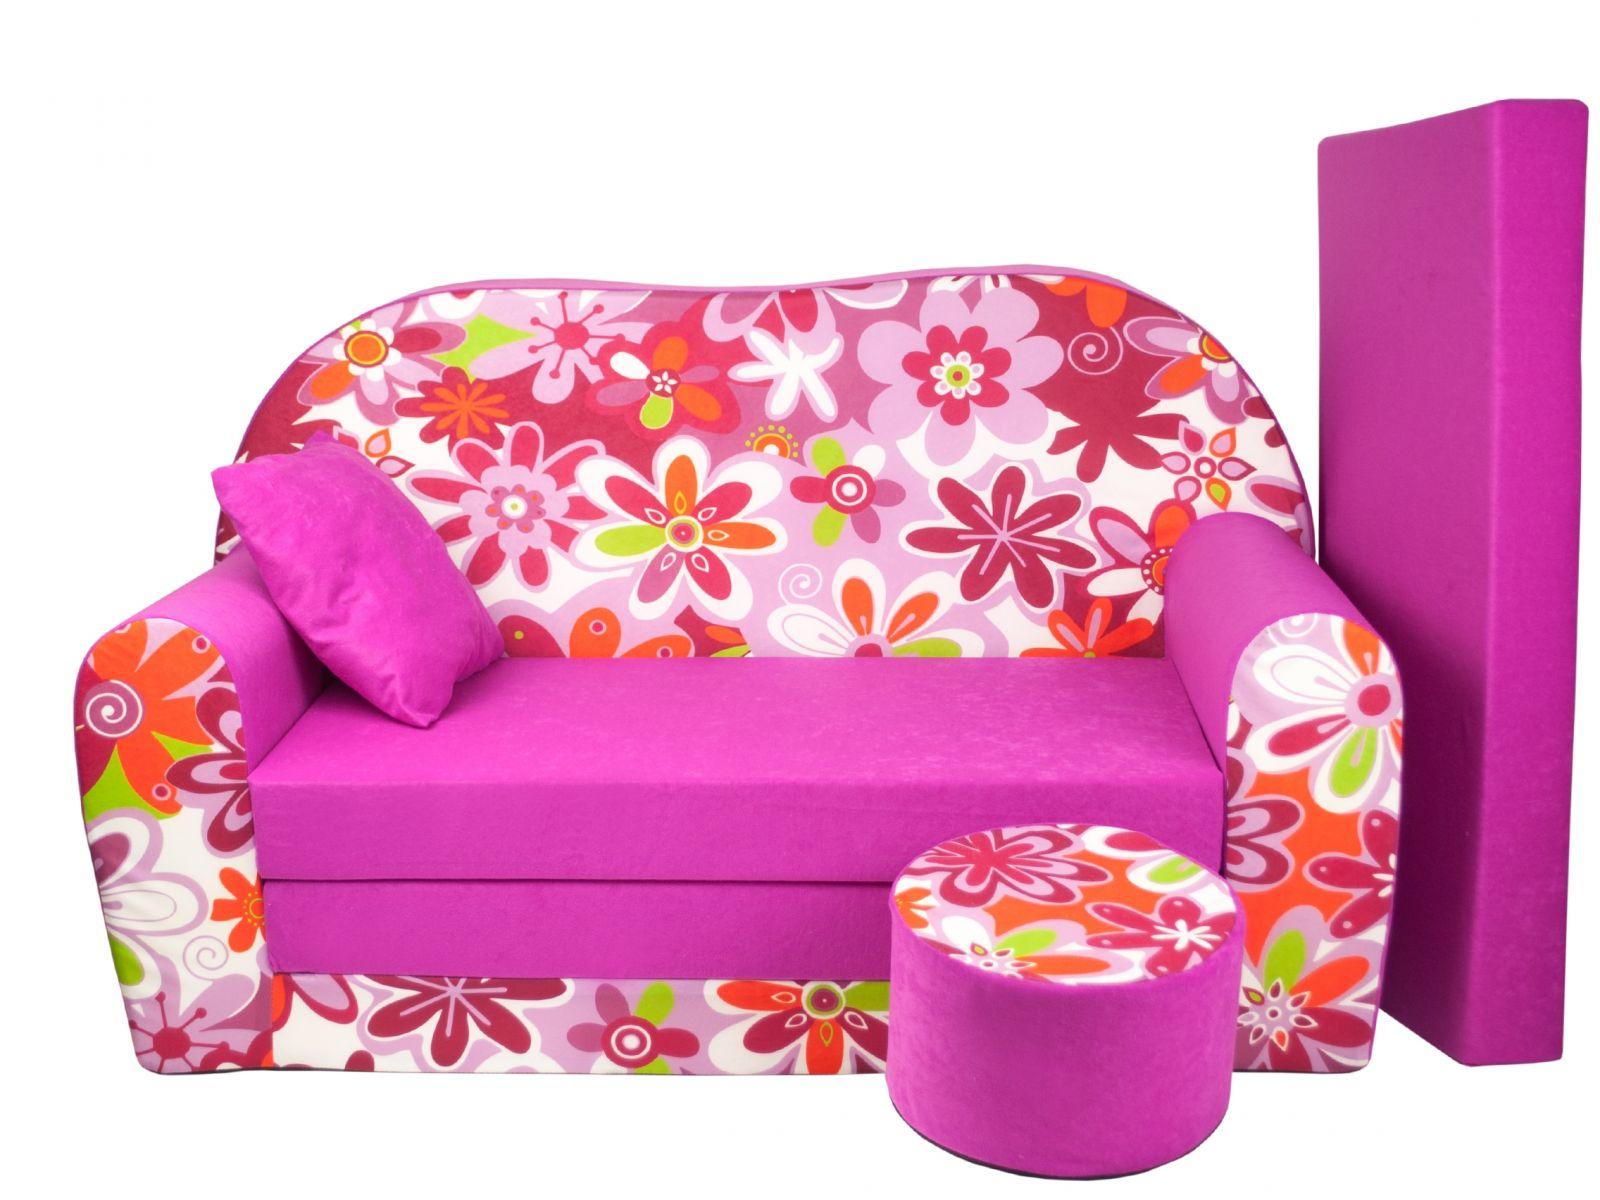 Fimex Dětská rozkládací pohovka + taburet Kytky růžová